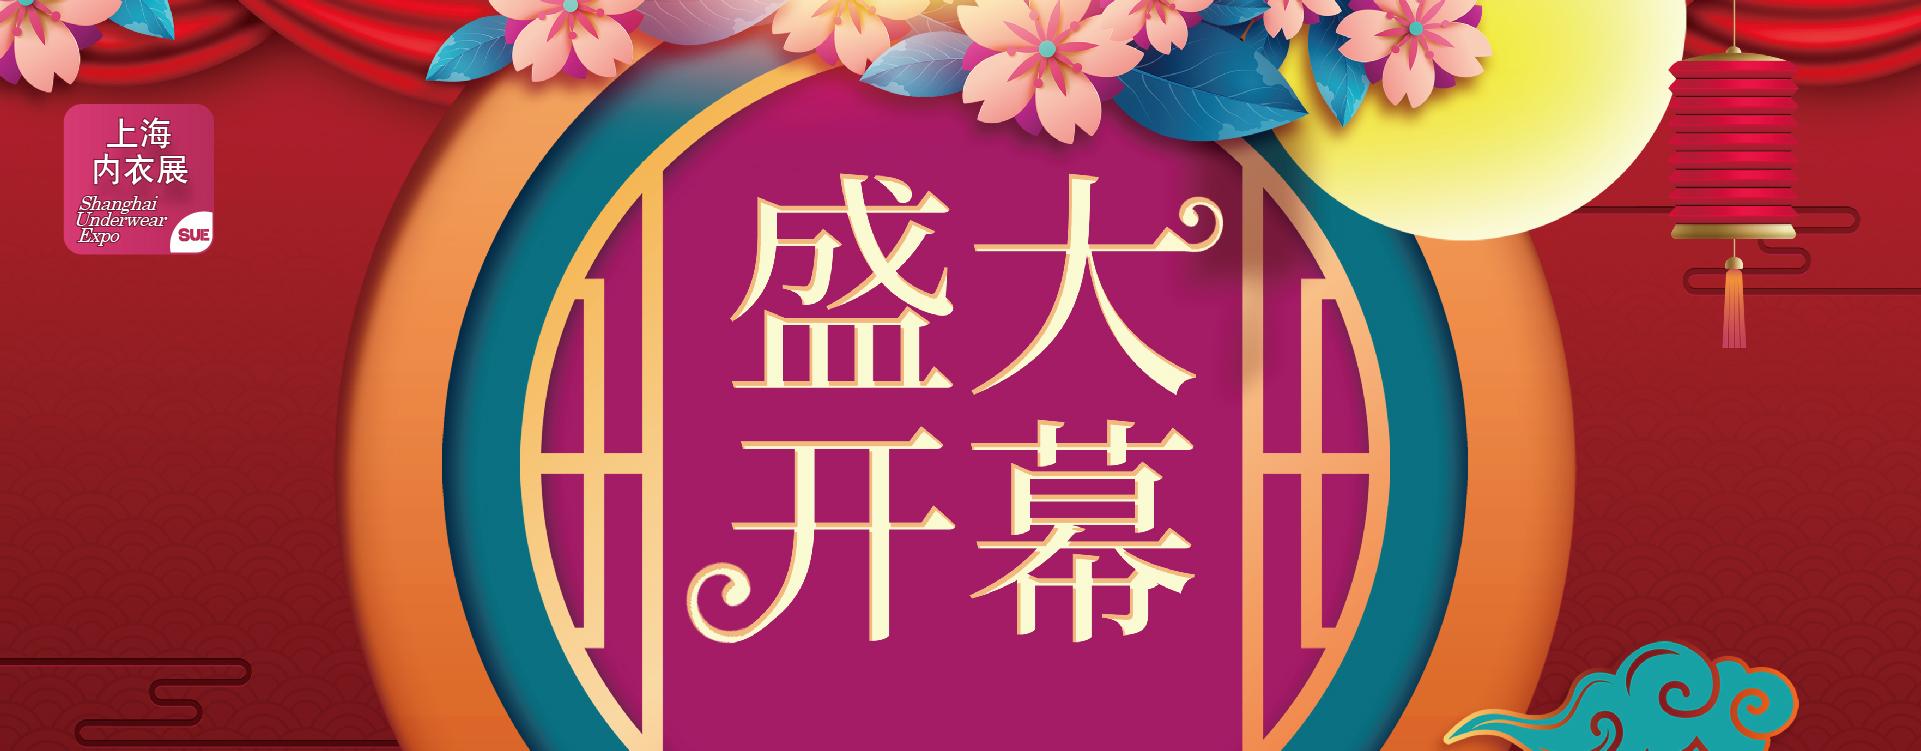 2021上海内衣展今日盛大开幕